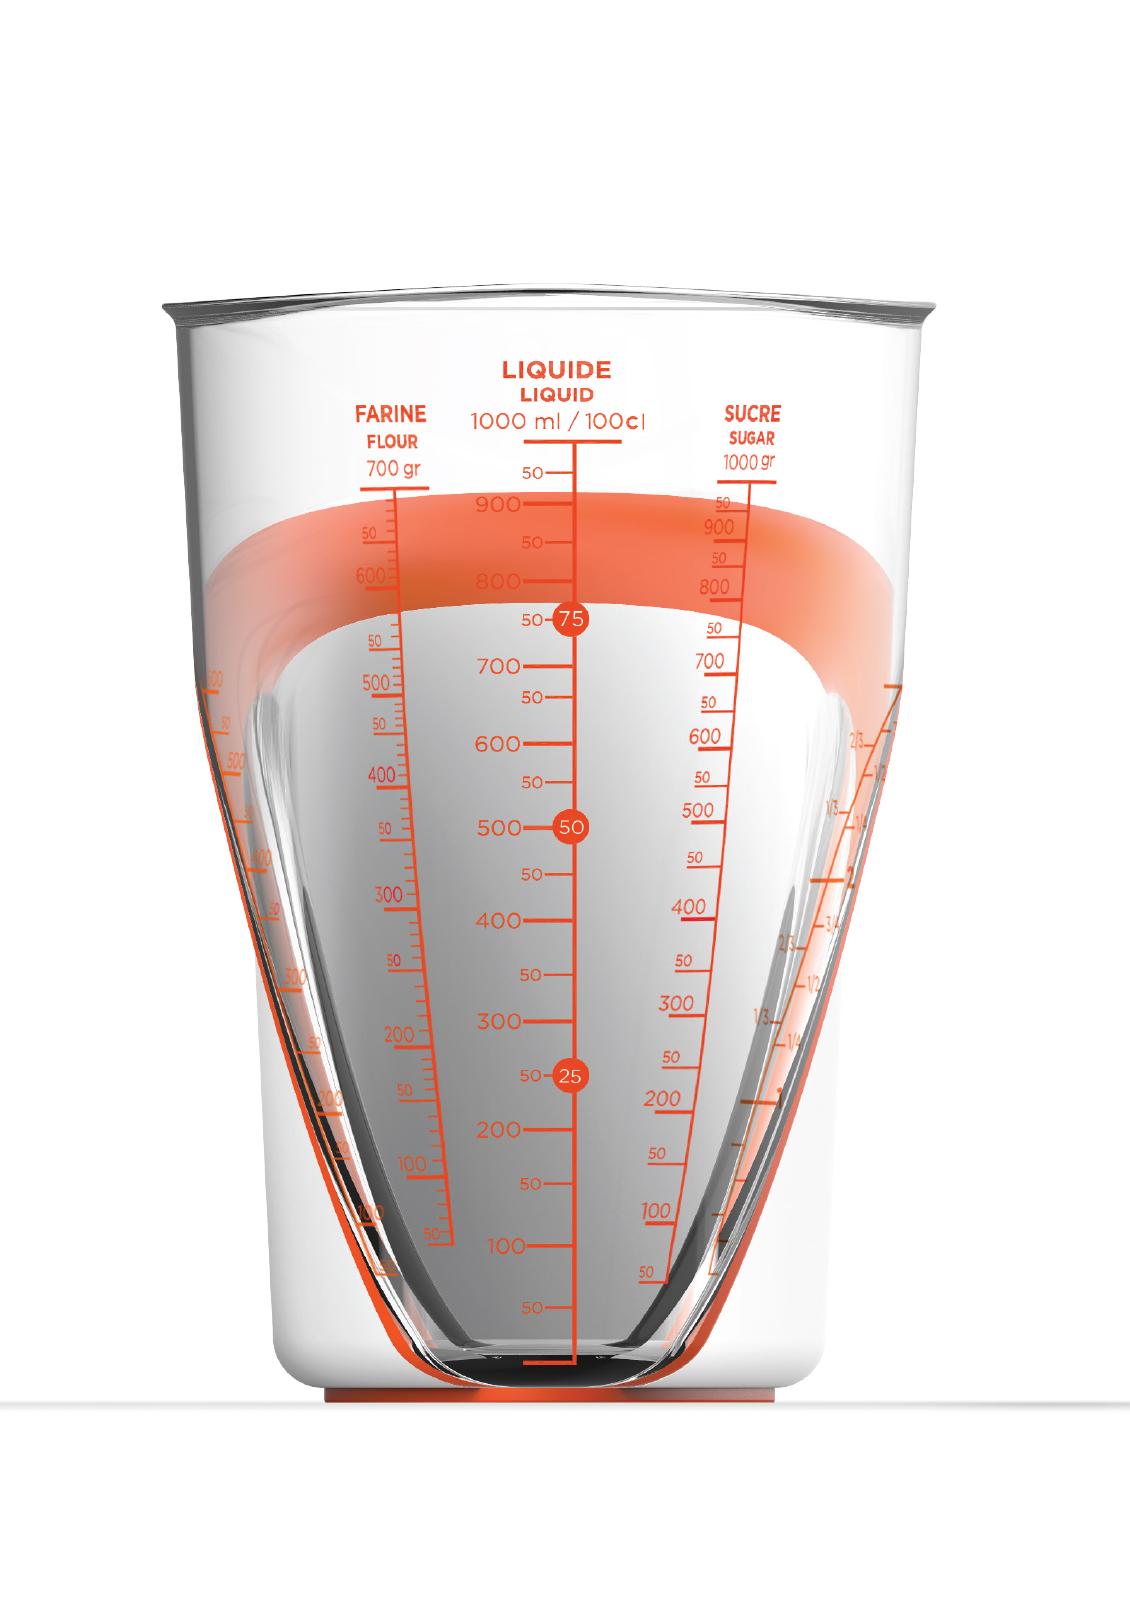 LE PICHET À MESURER MULTIFONCTION - Ce pichet à mesurer d'une capacité de 1 litre deviendra vite un indispensable. Avec ses cinq graduations et sa prise en main facile, il vous permettra préparer tout en clin d'oeil.•5 graduations (farine, riz, cups, liquide, sucre)